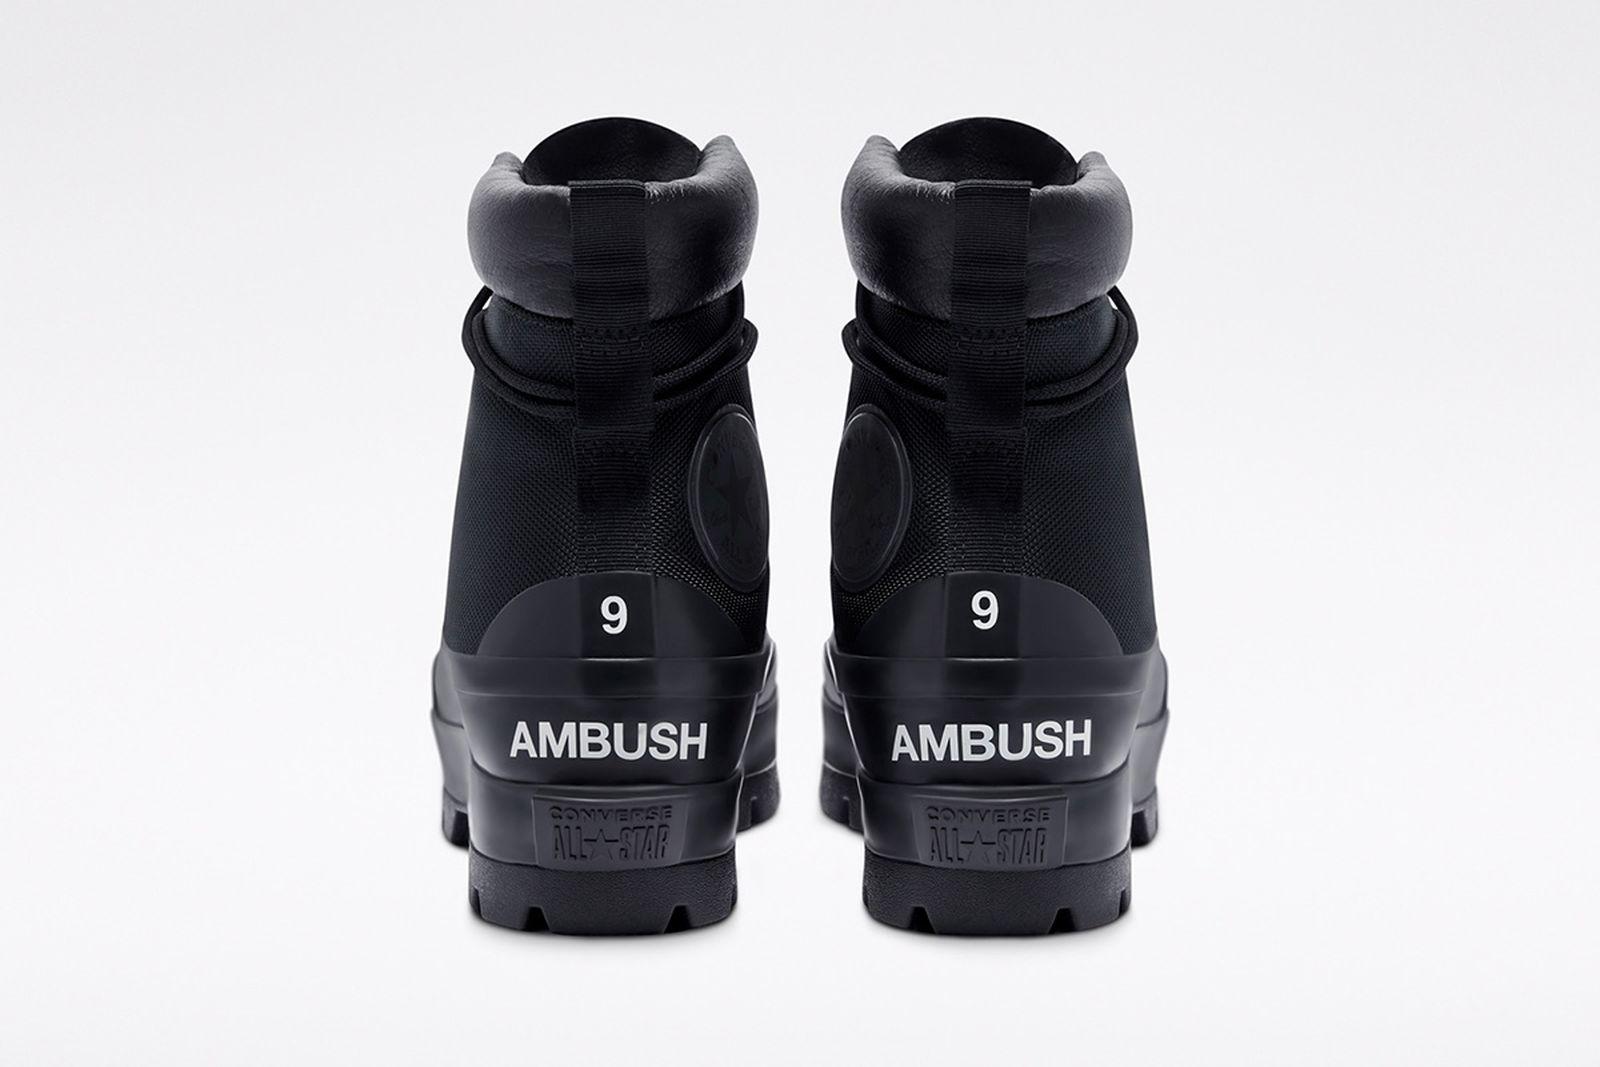 ambush-converse-ctas-duck-boot-release-date-price-1-21